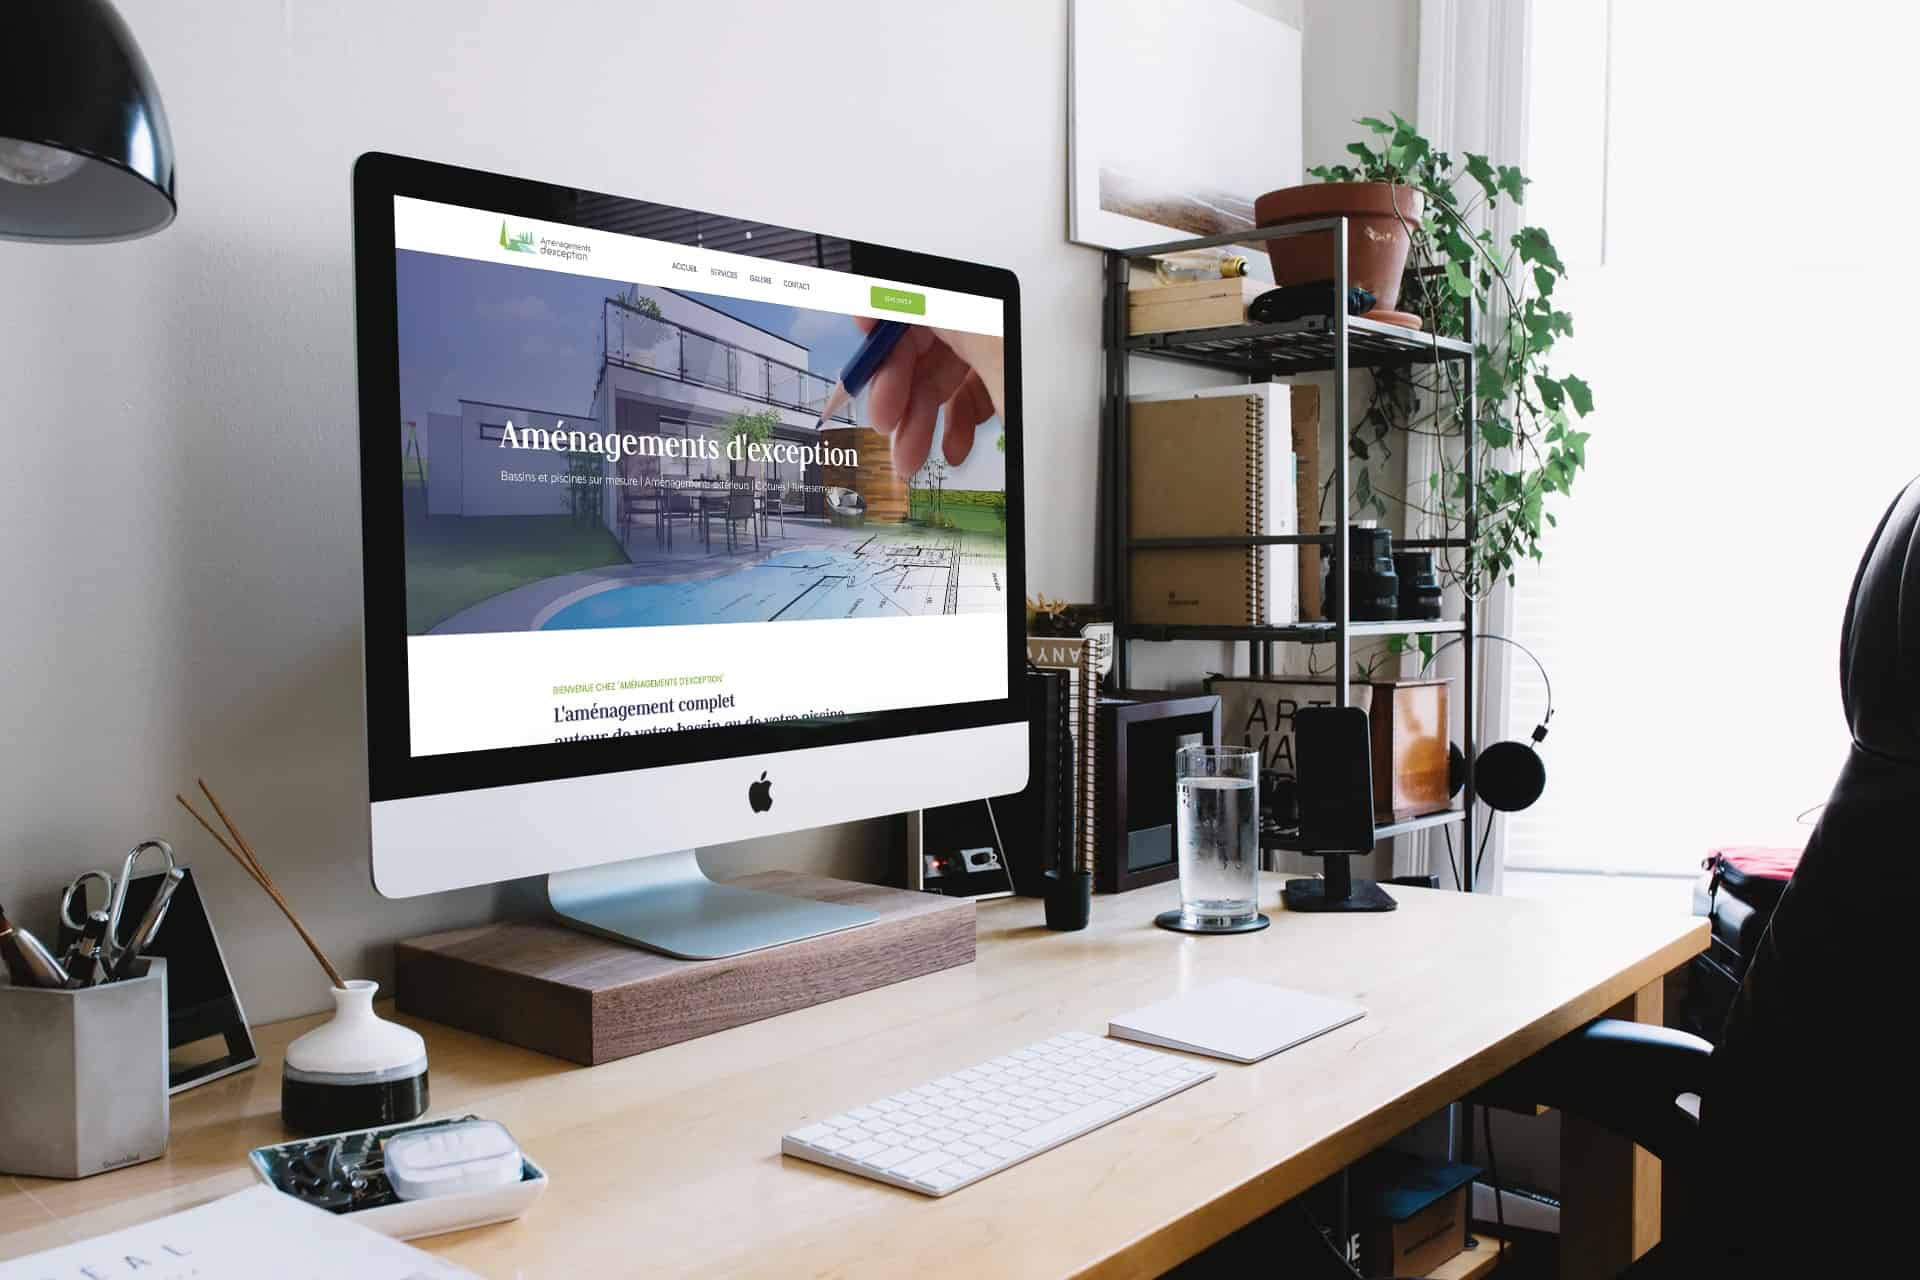 Aménagements d'exception | Création du site web | LD Media